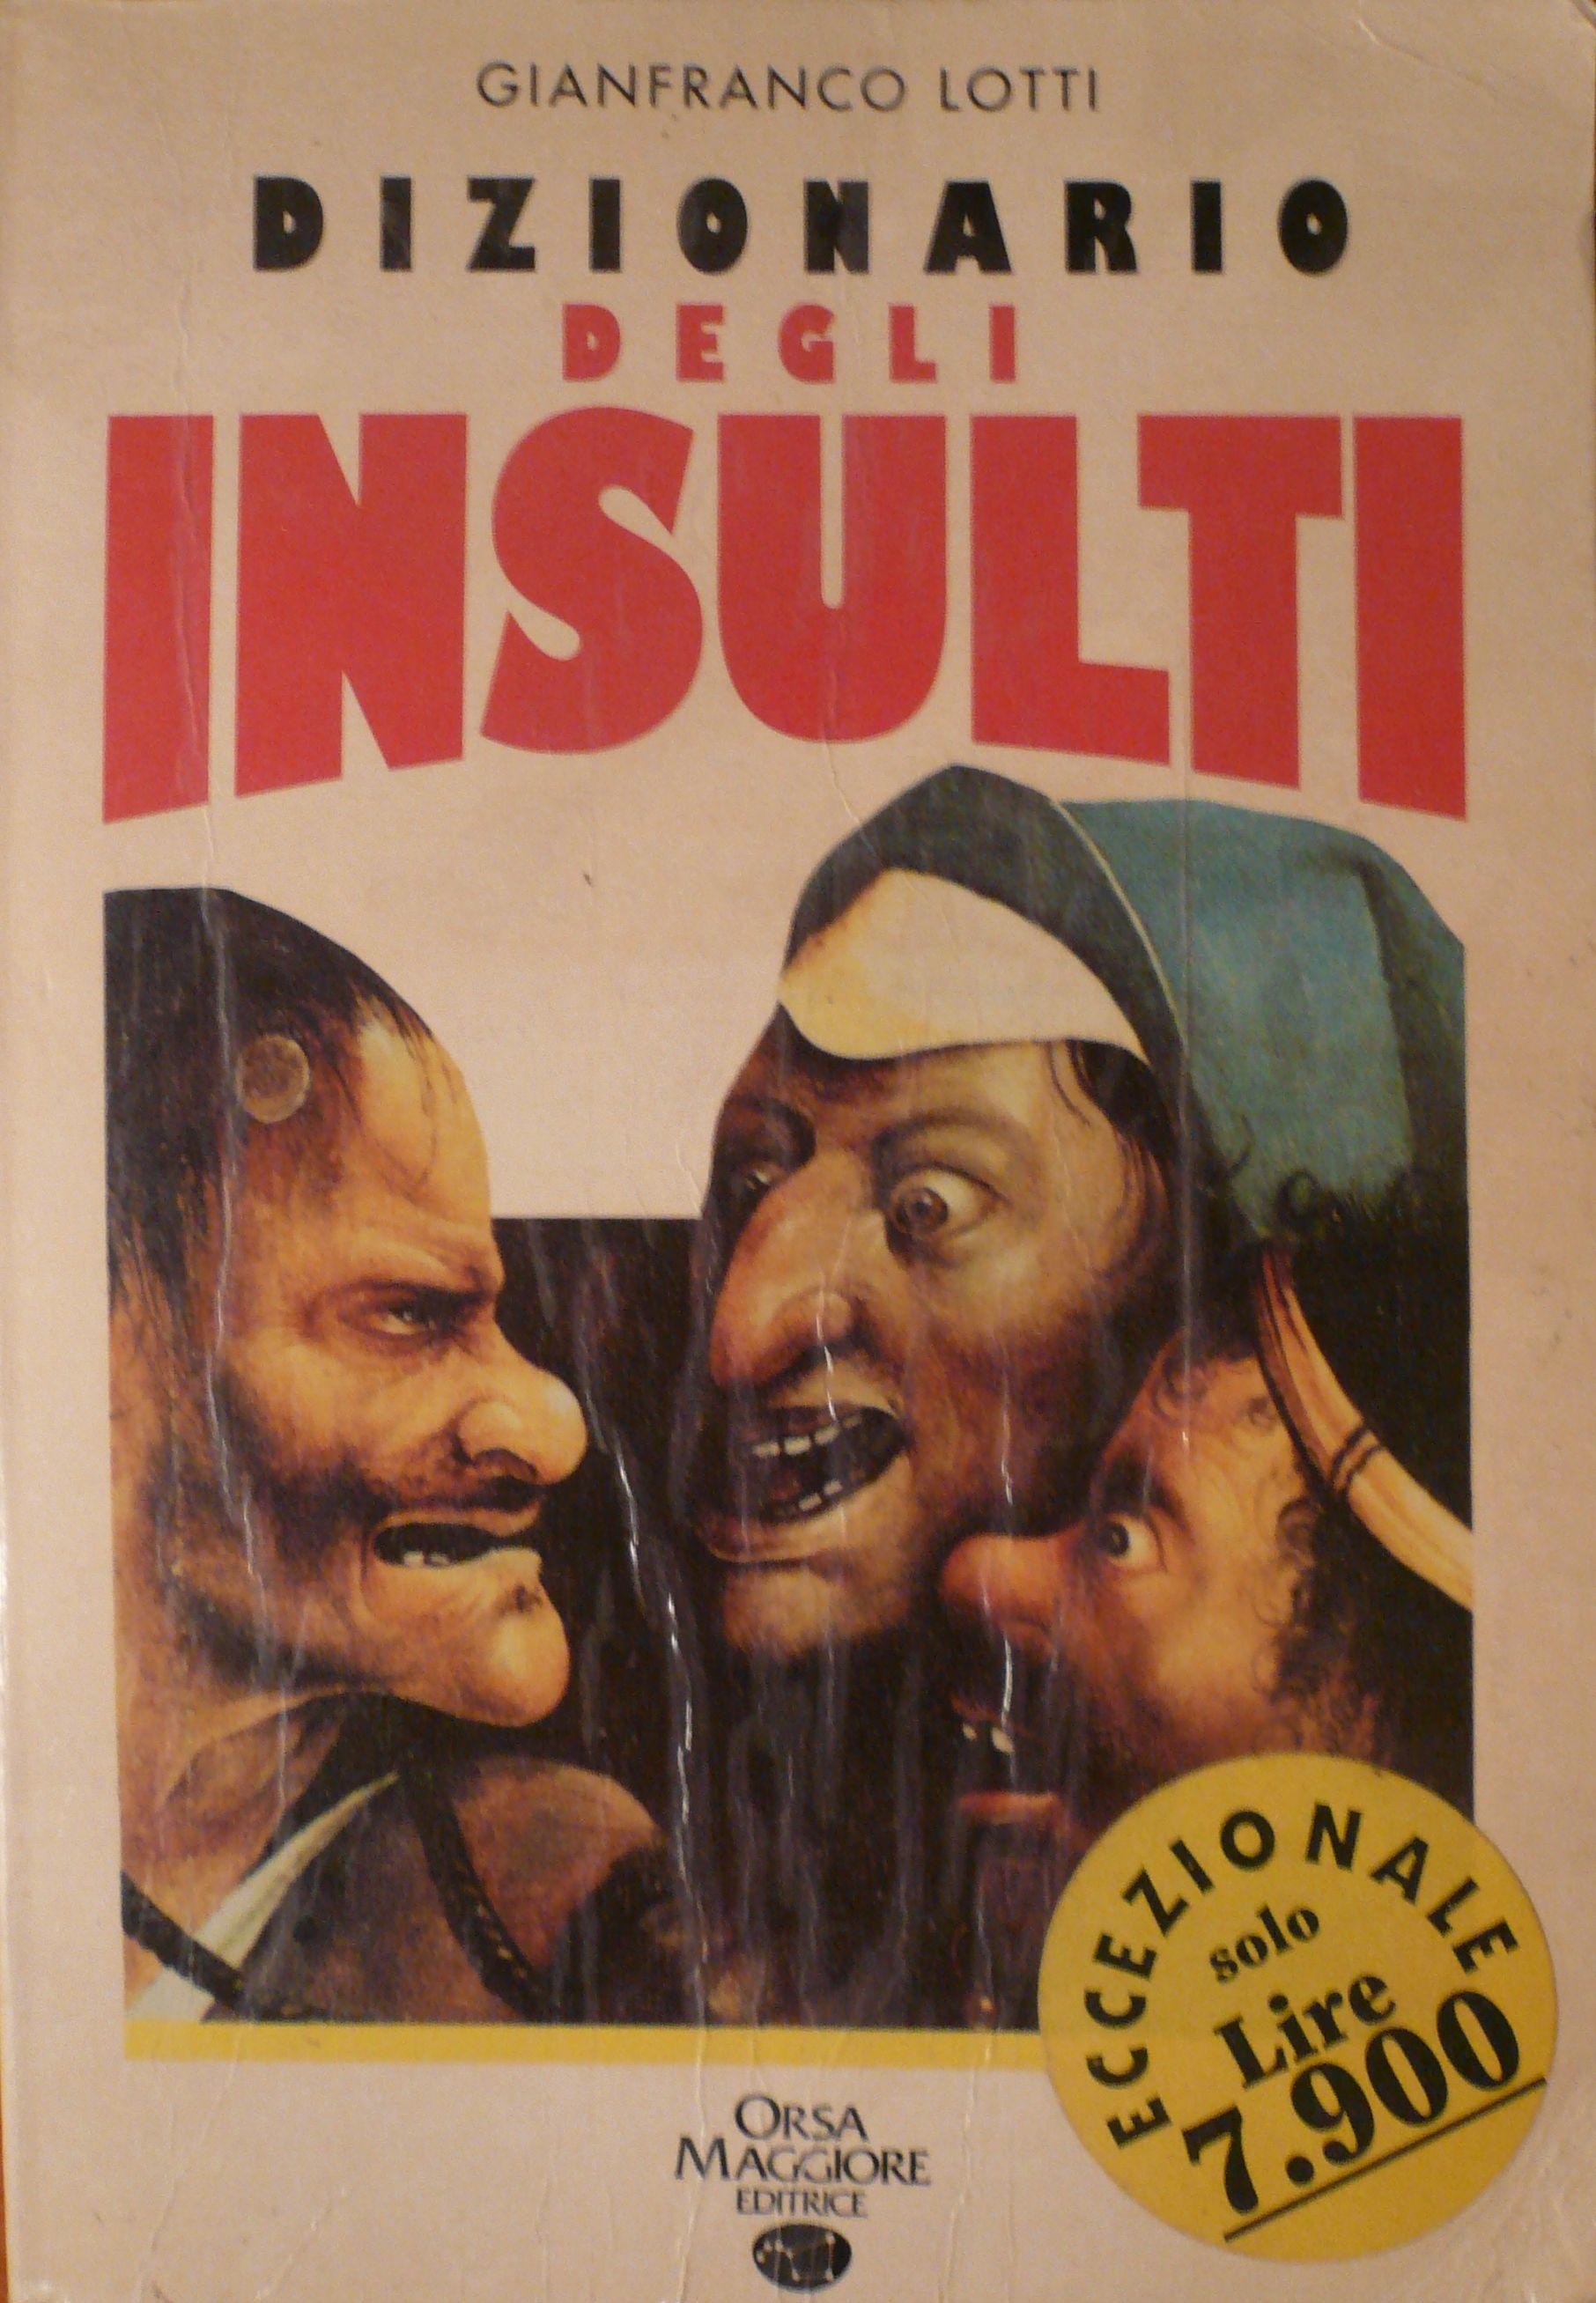 Dizionario degli insulti